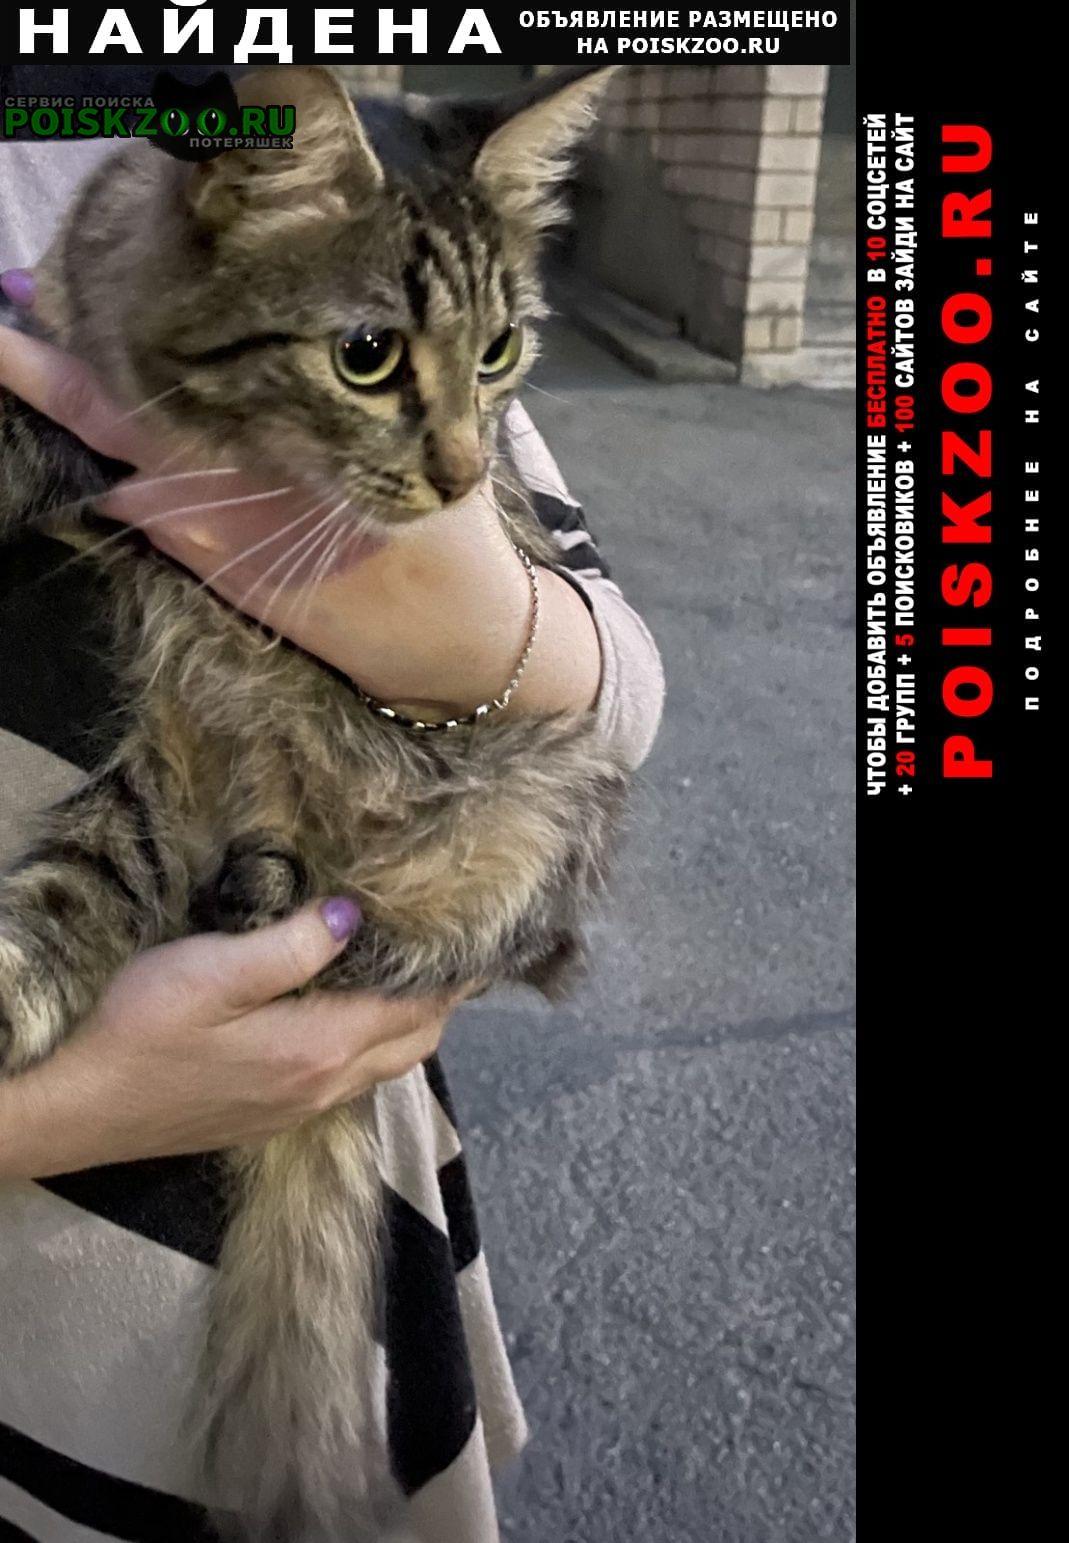 Найдена кошка котёнок Ижевск